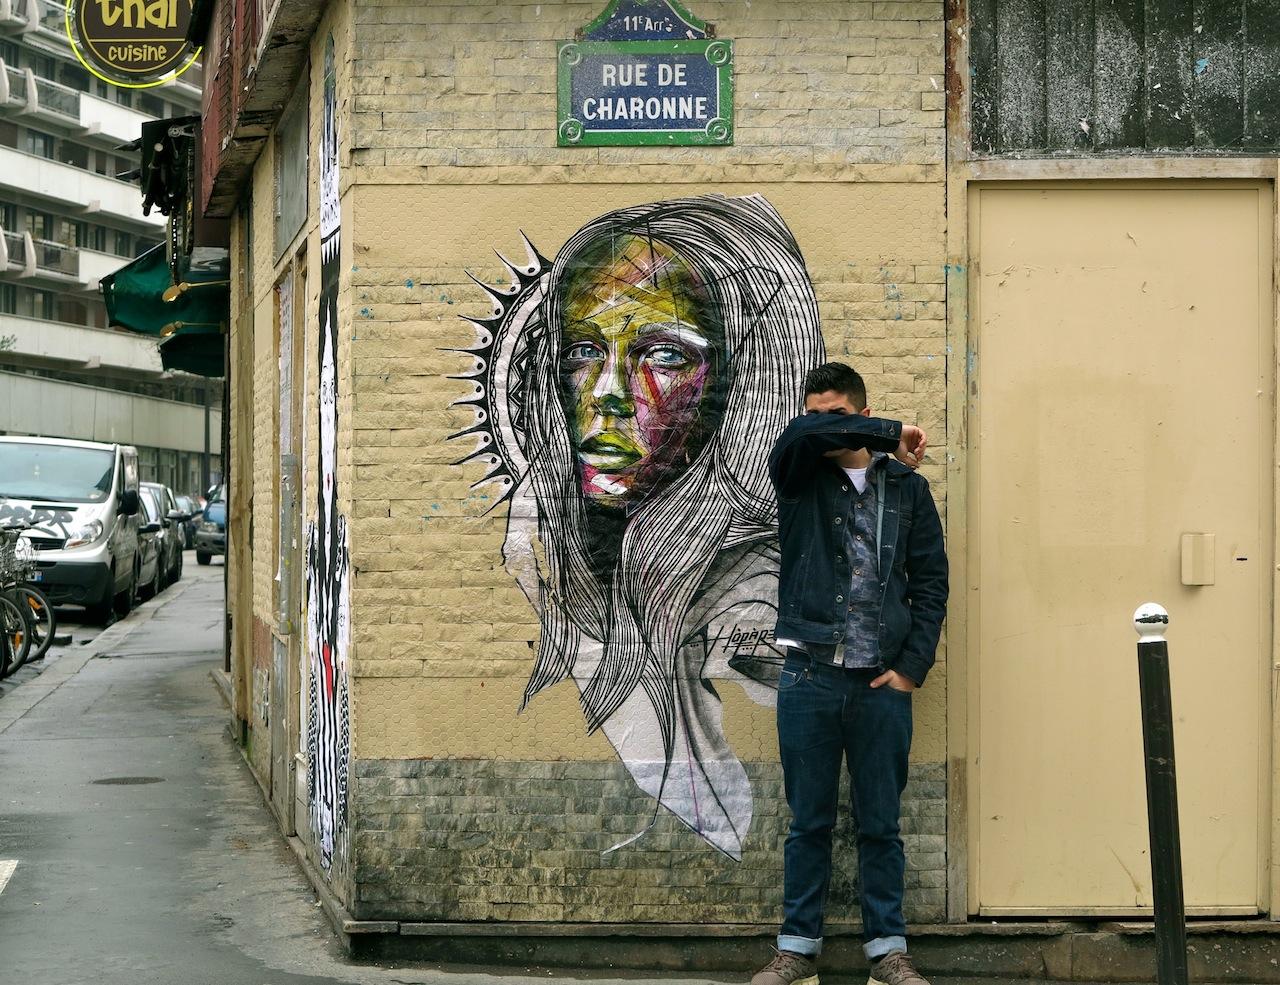 Street Artist - Alexandre Monteiro aka Hopare